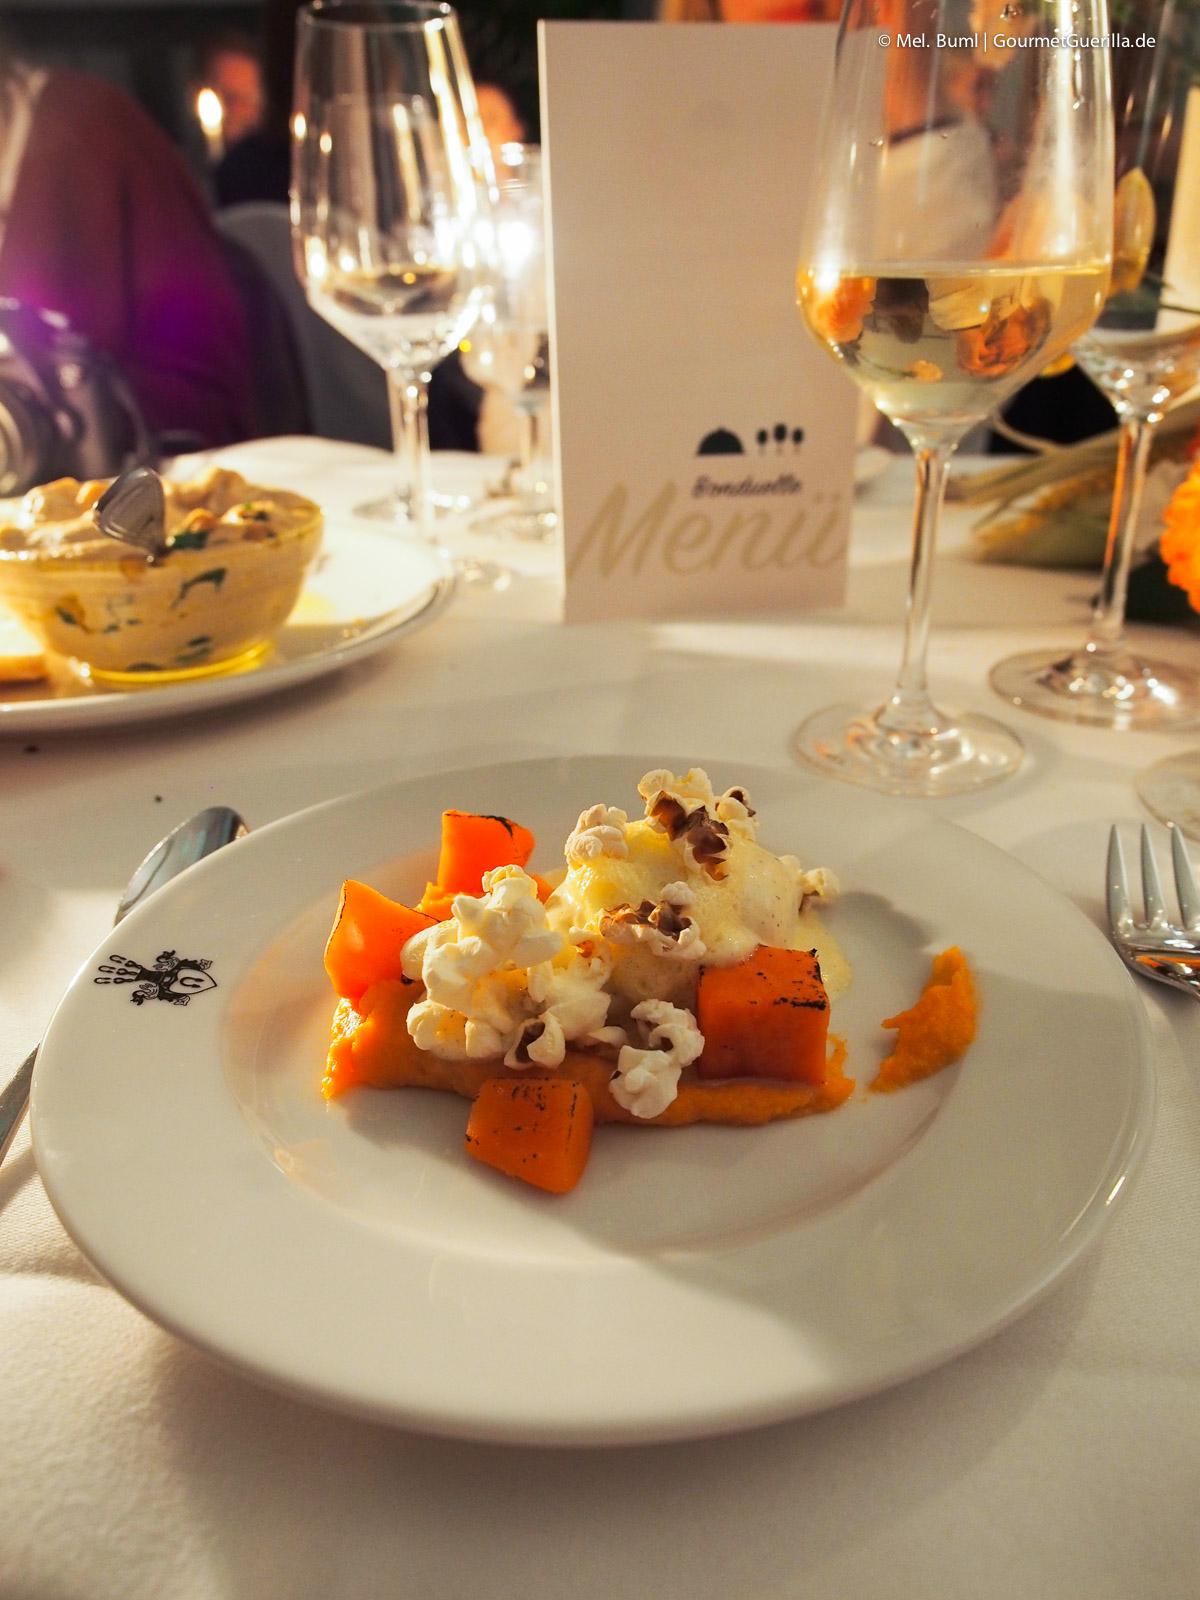 Dessert Dinner Bonduelle Academy |GourmetGuerilla.de